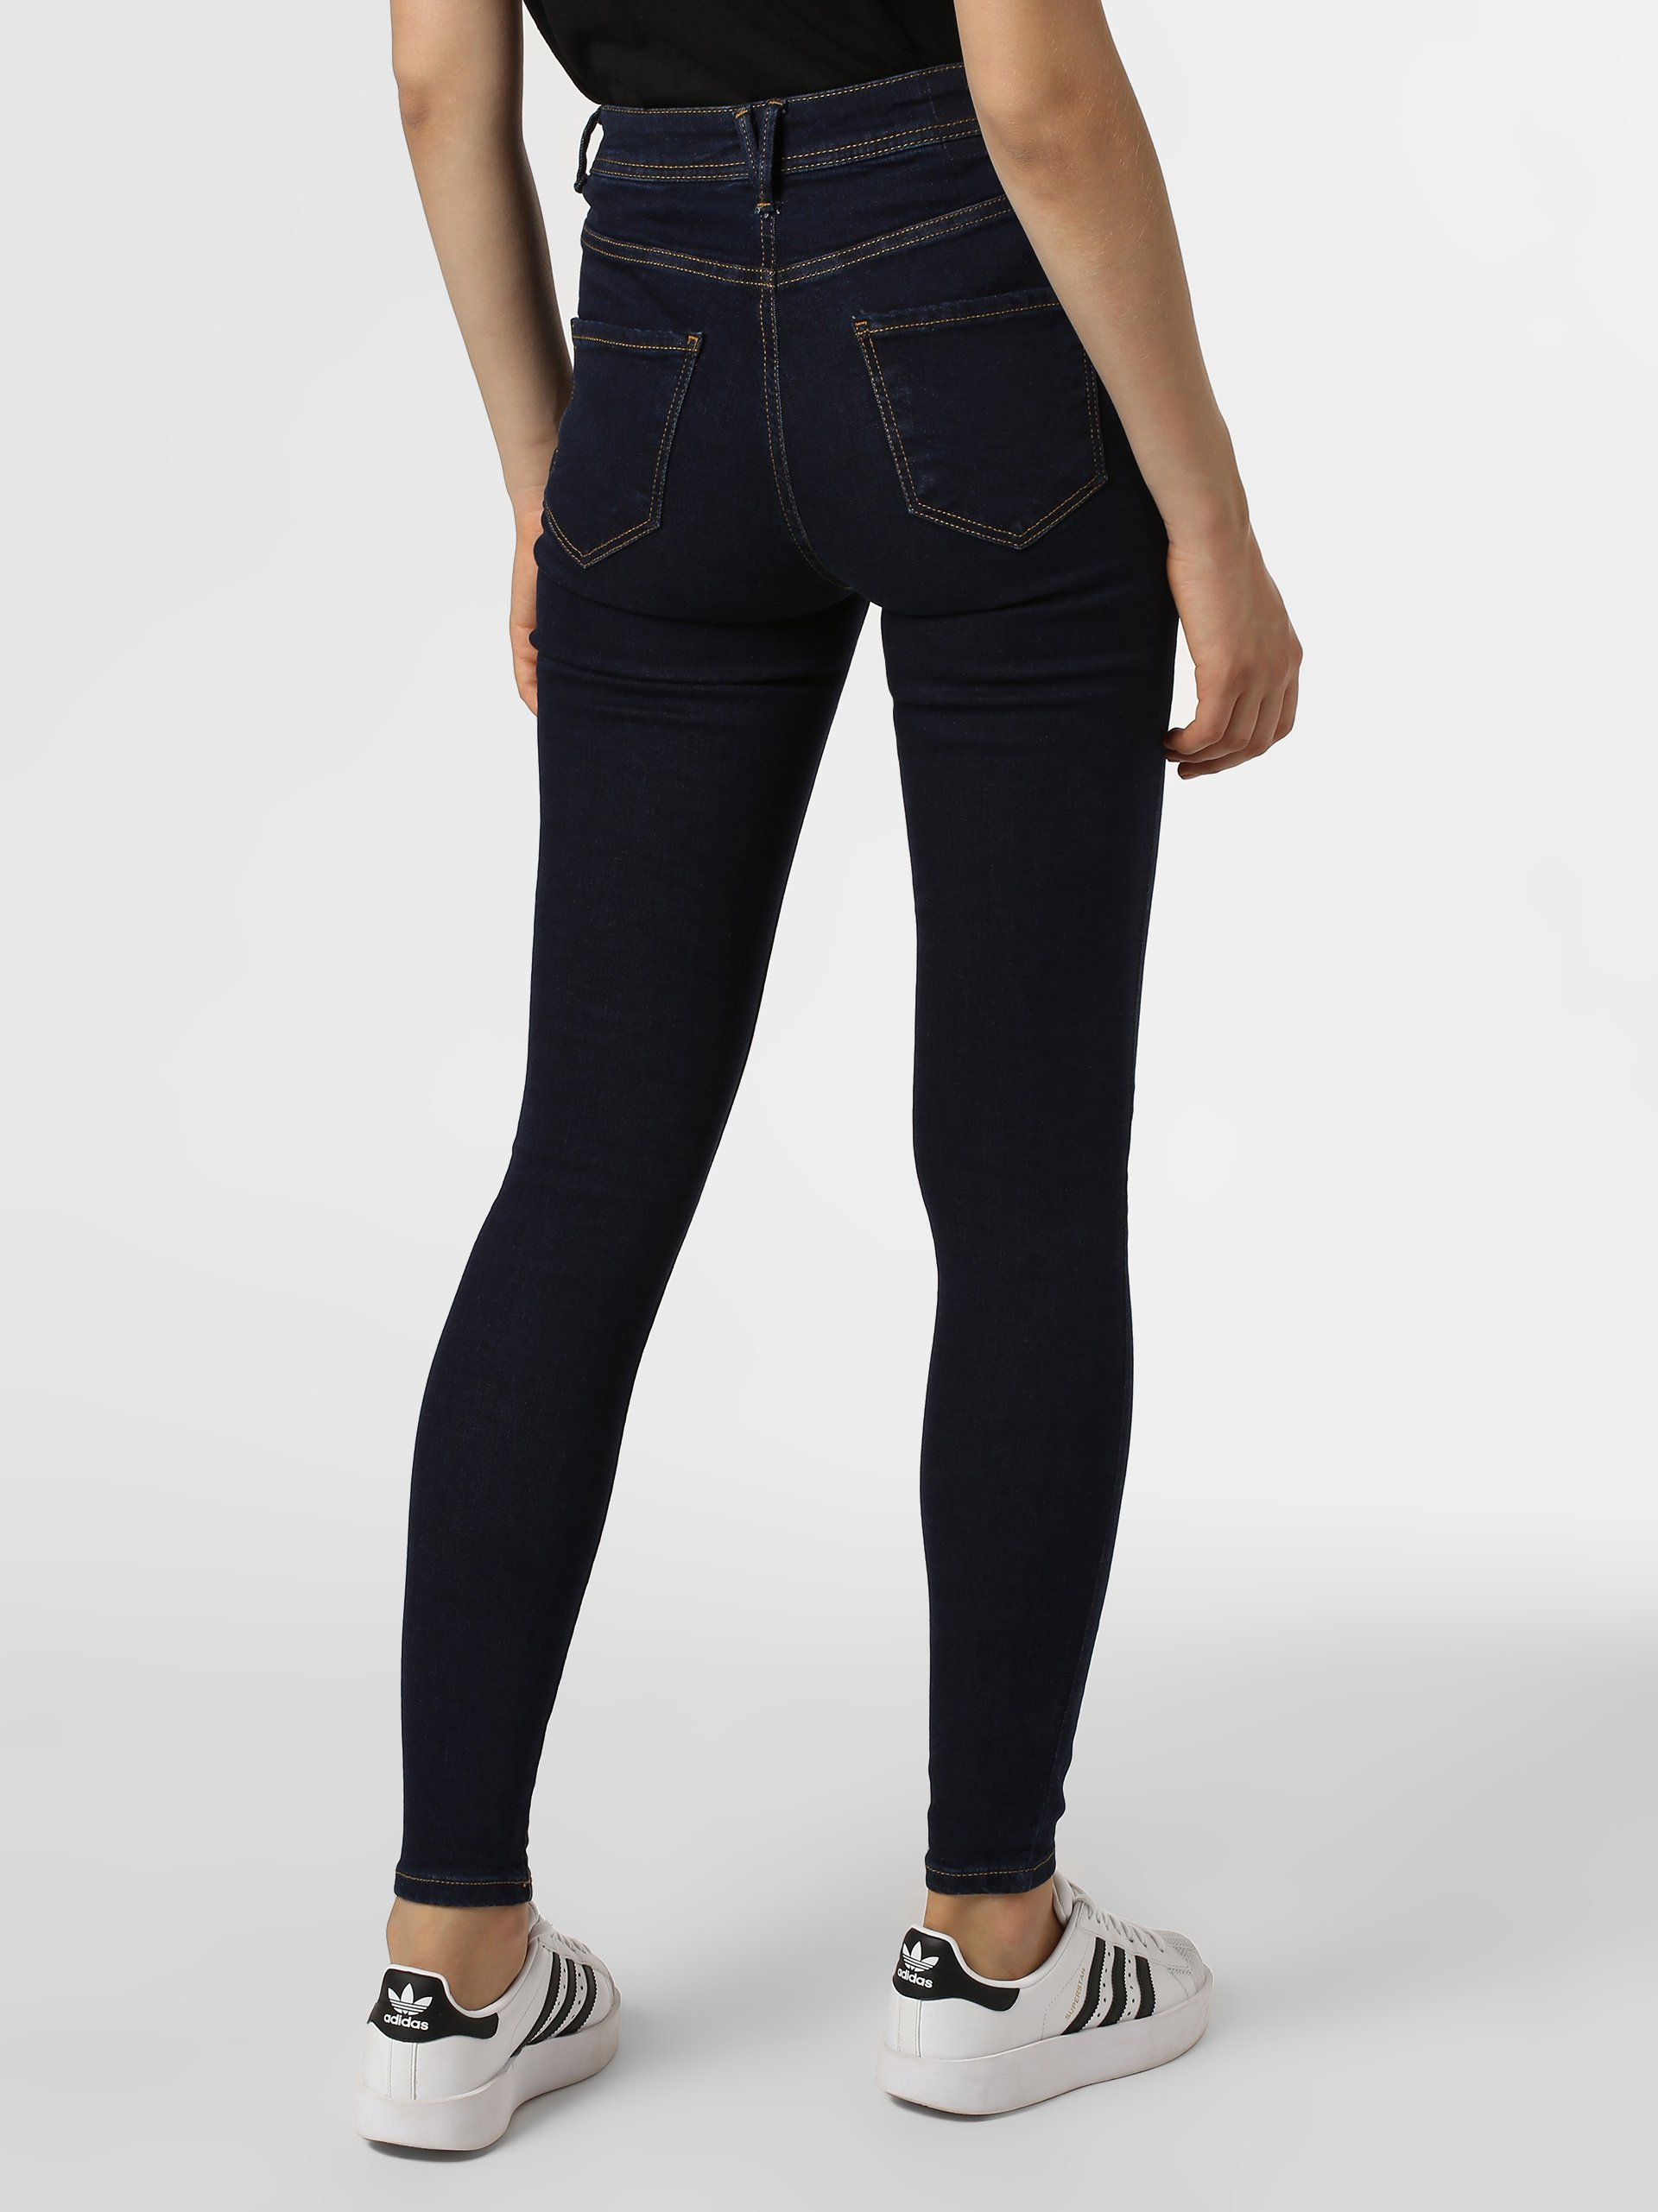 Noisy May Damen Jeans - Vicky